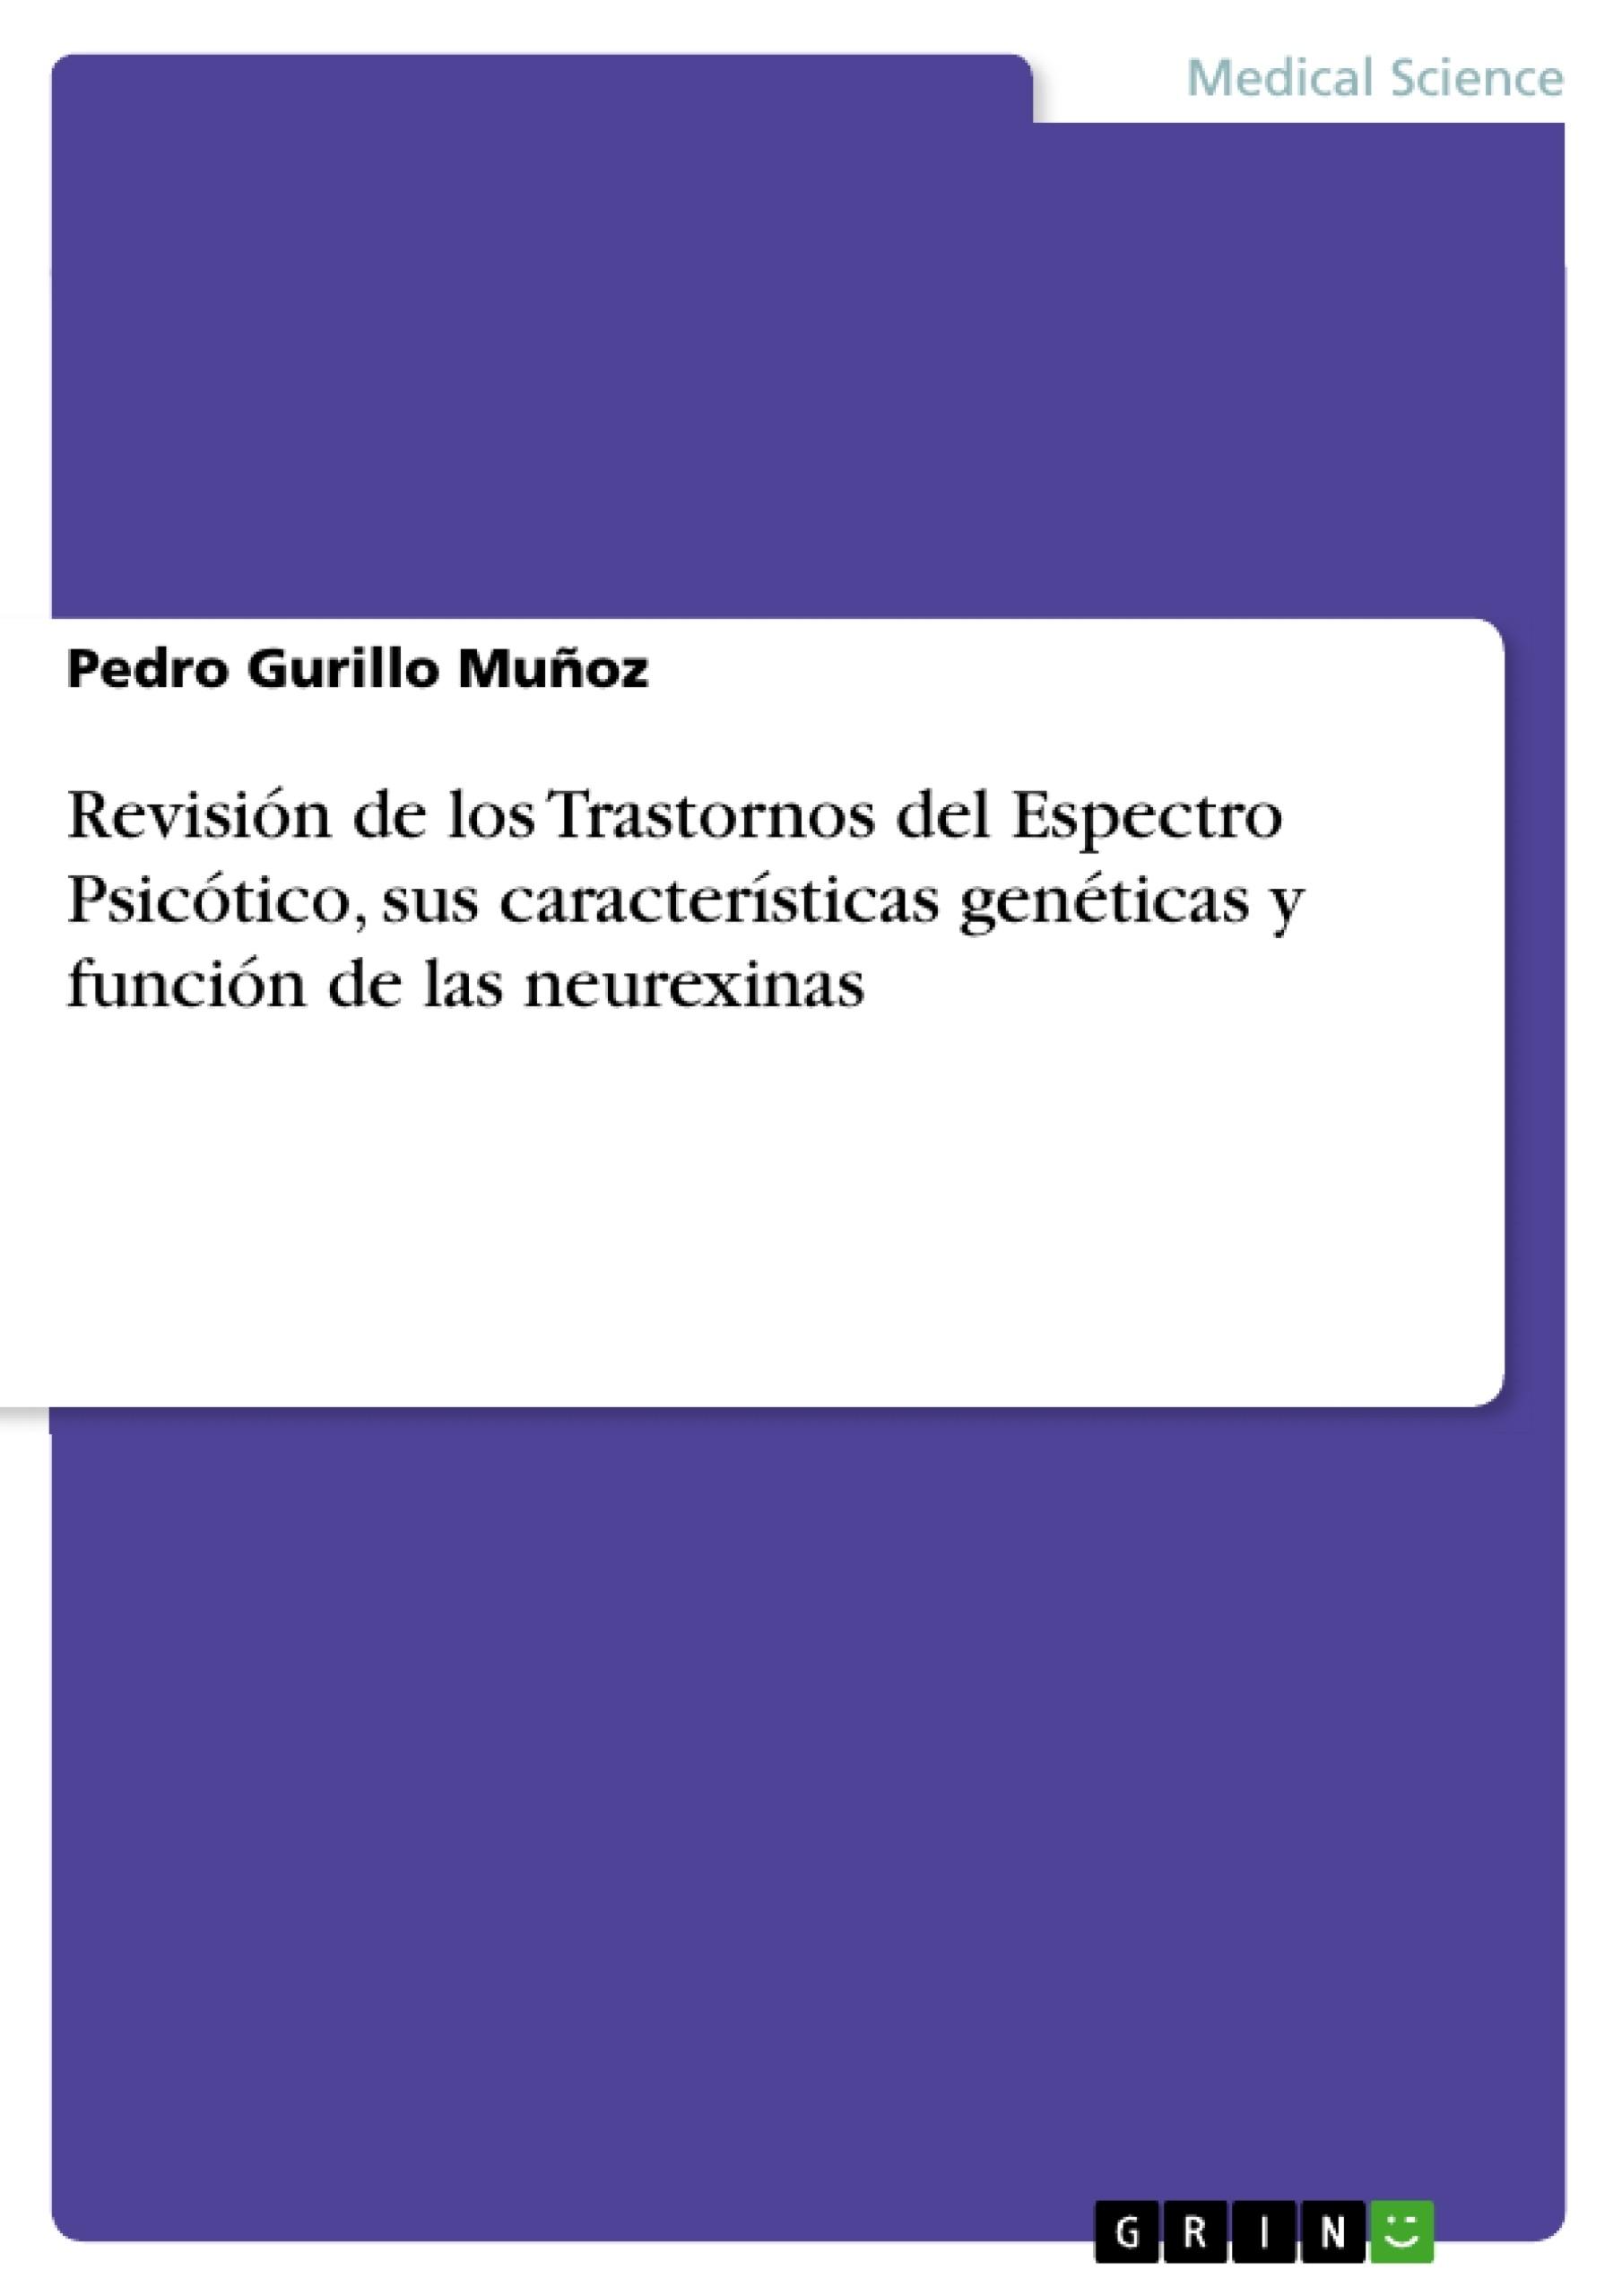 Título: Revisión de los Trastornos del Espectro Psicótico, sus características genéticas y función de las neurexinas